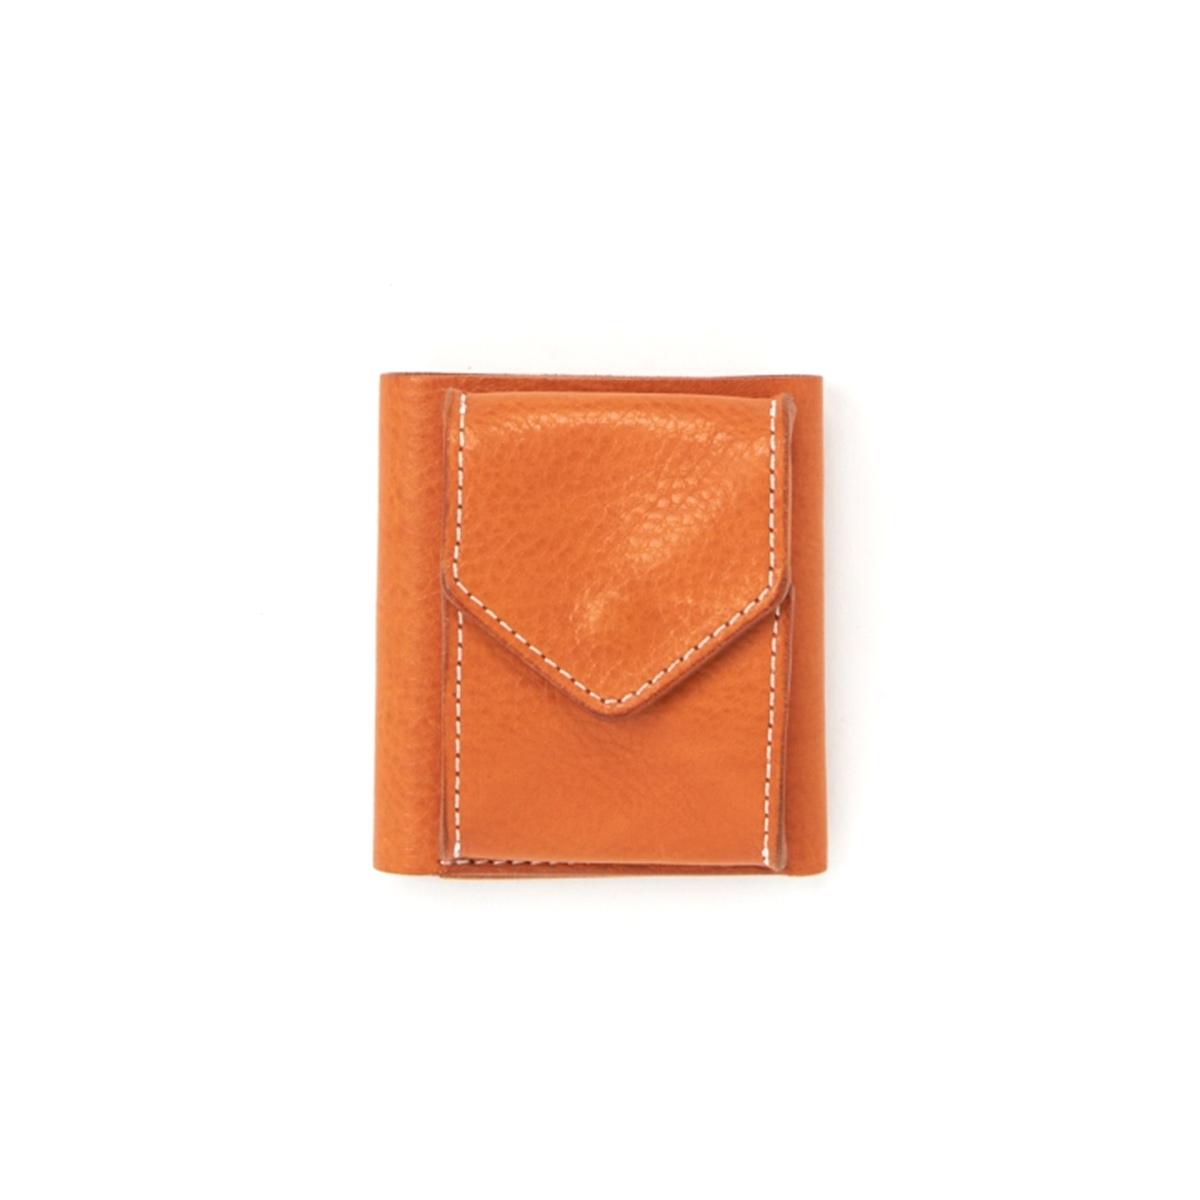 Hender Scheme / trifold wallet -Natural